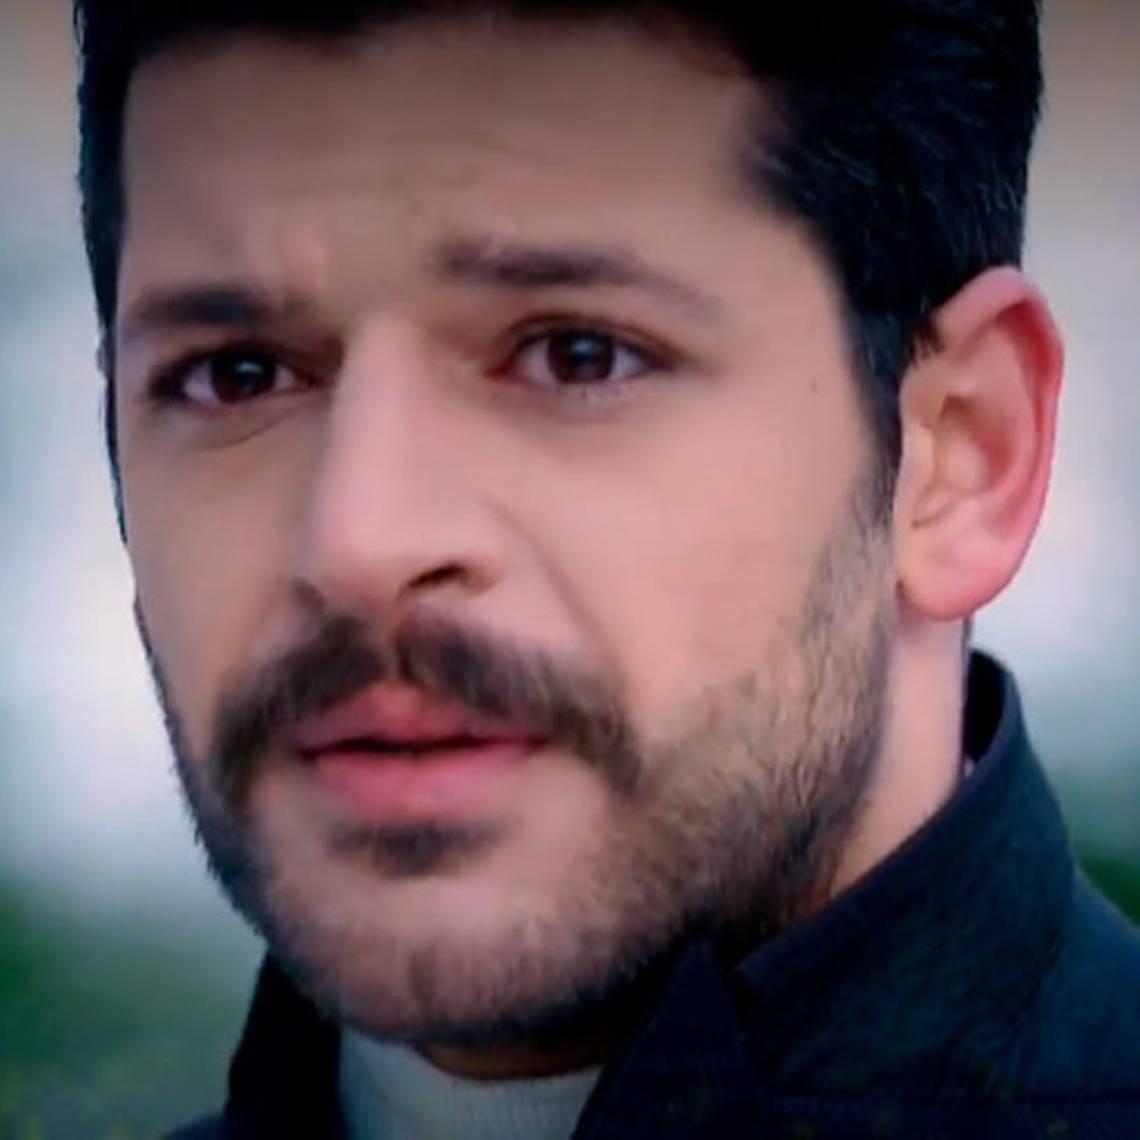 ¿Qué pasará con el matrimonio de Zeynep y Selim?